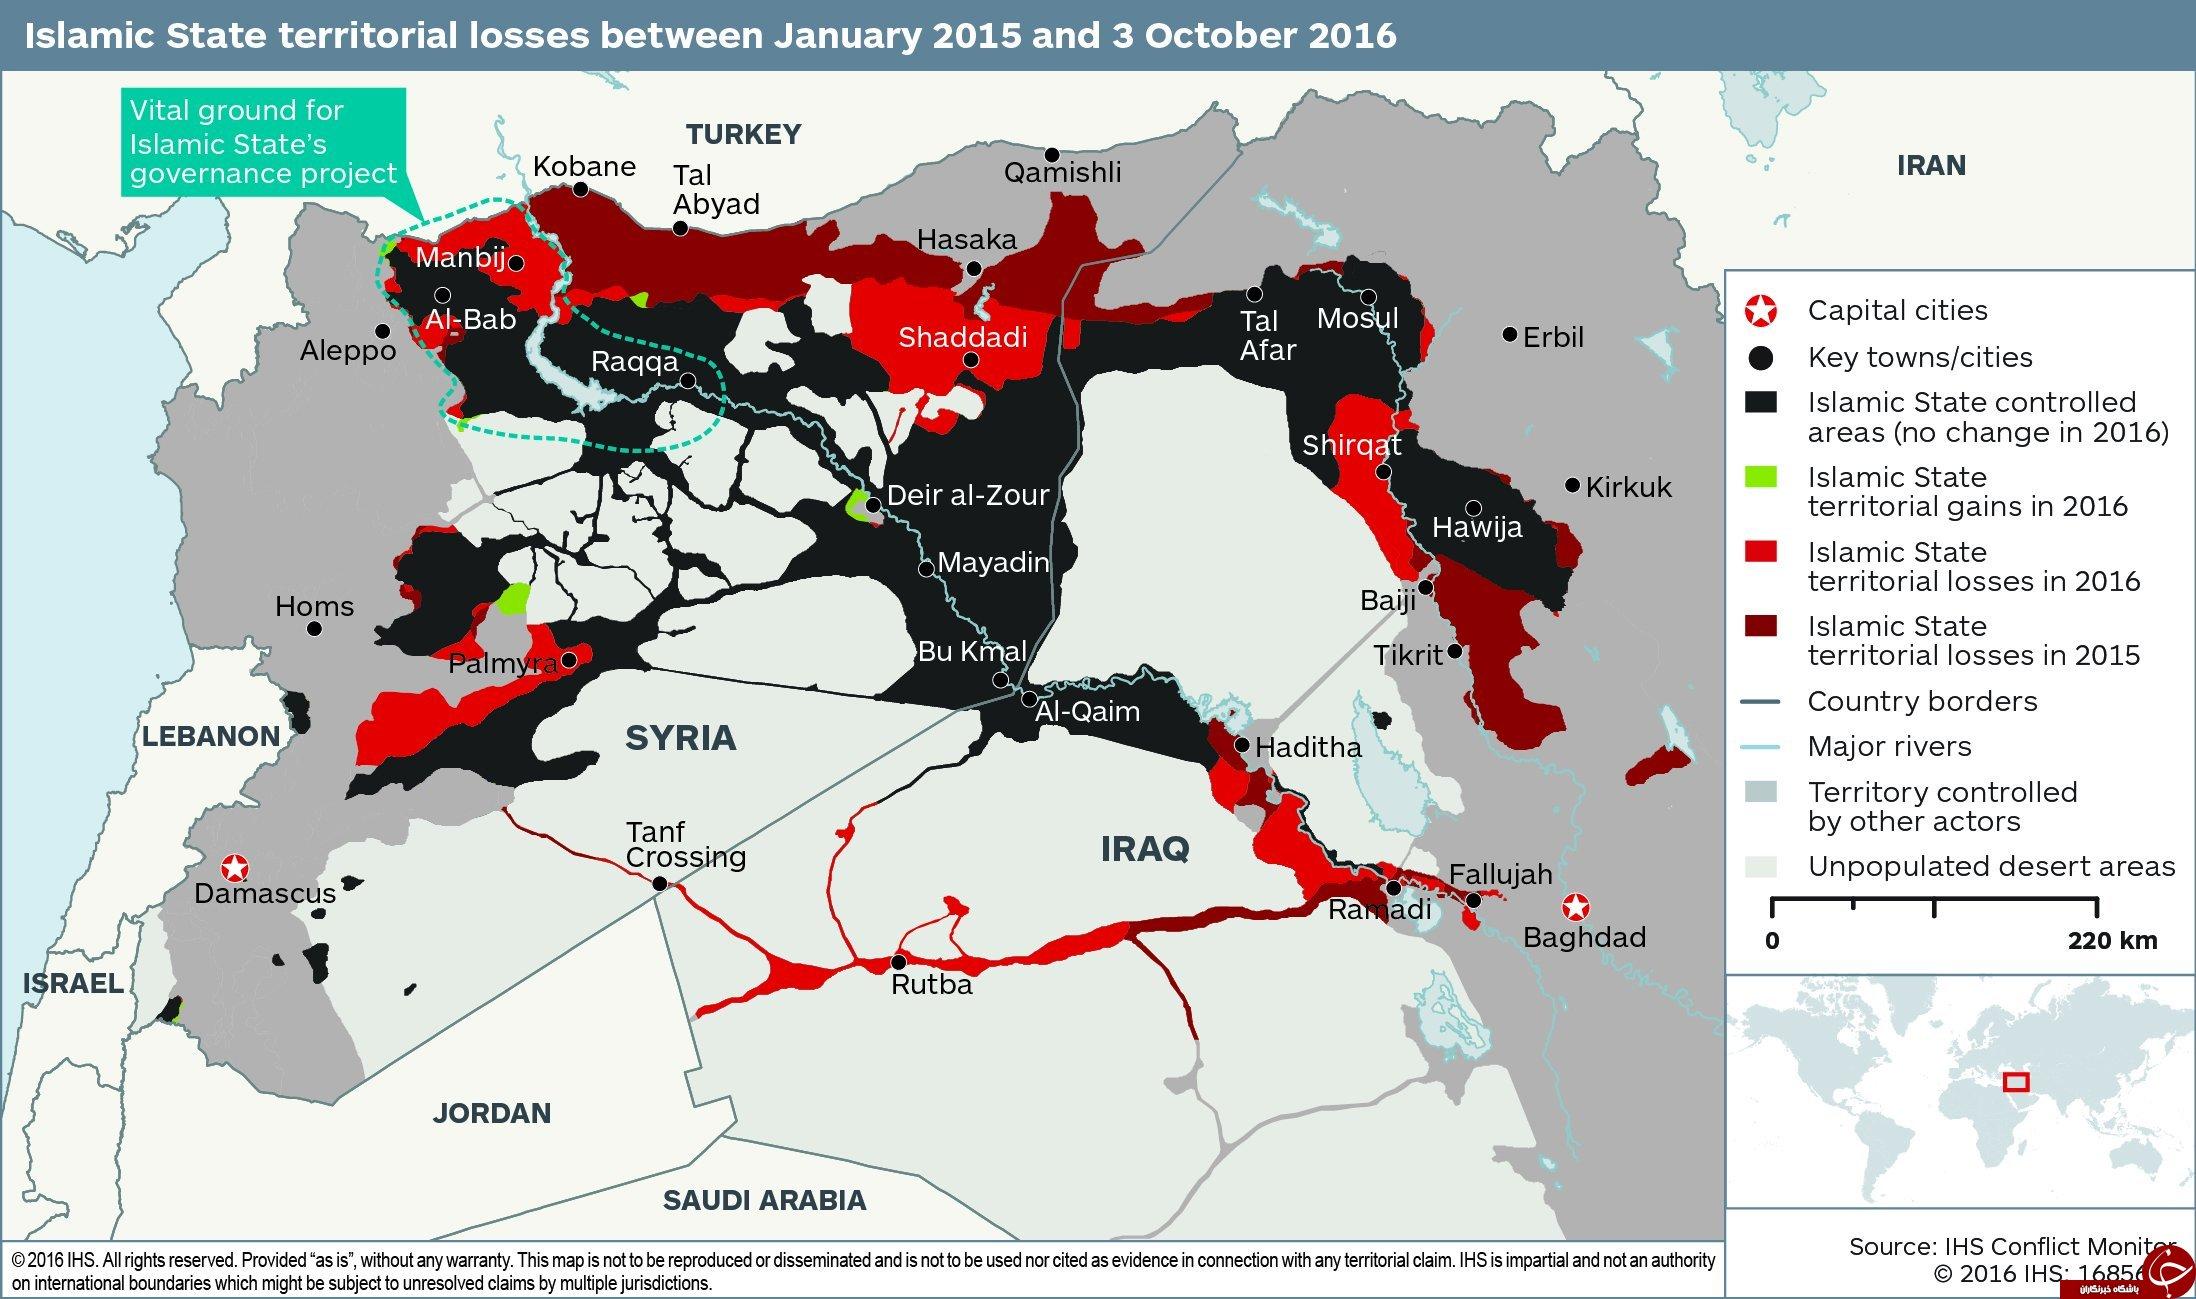 داعش در آستانه از دست دادن موصل/ کاهش قلمروی داعش در دو سال گذشته+نقشه